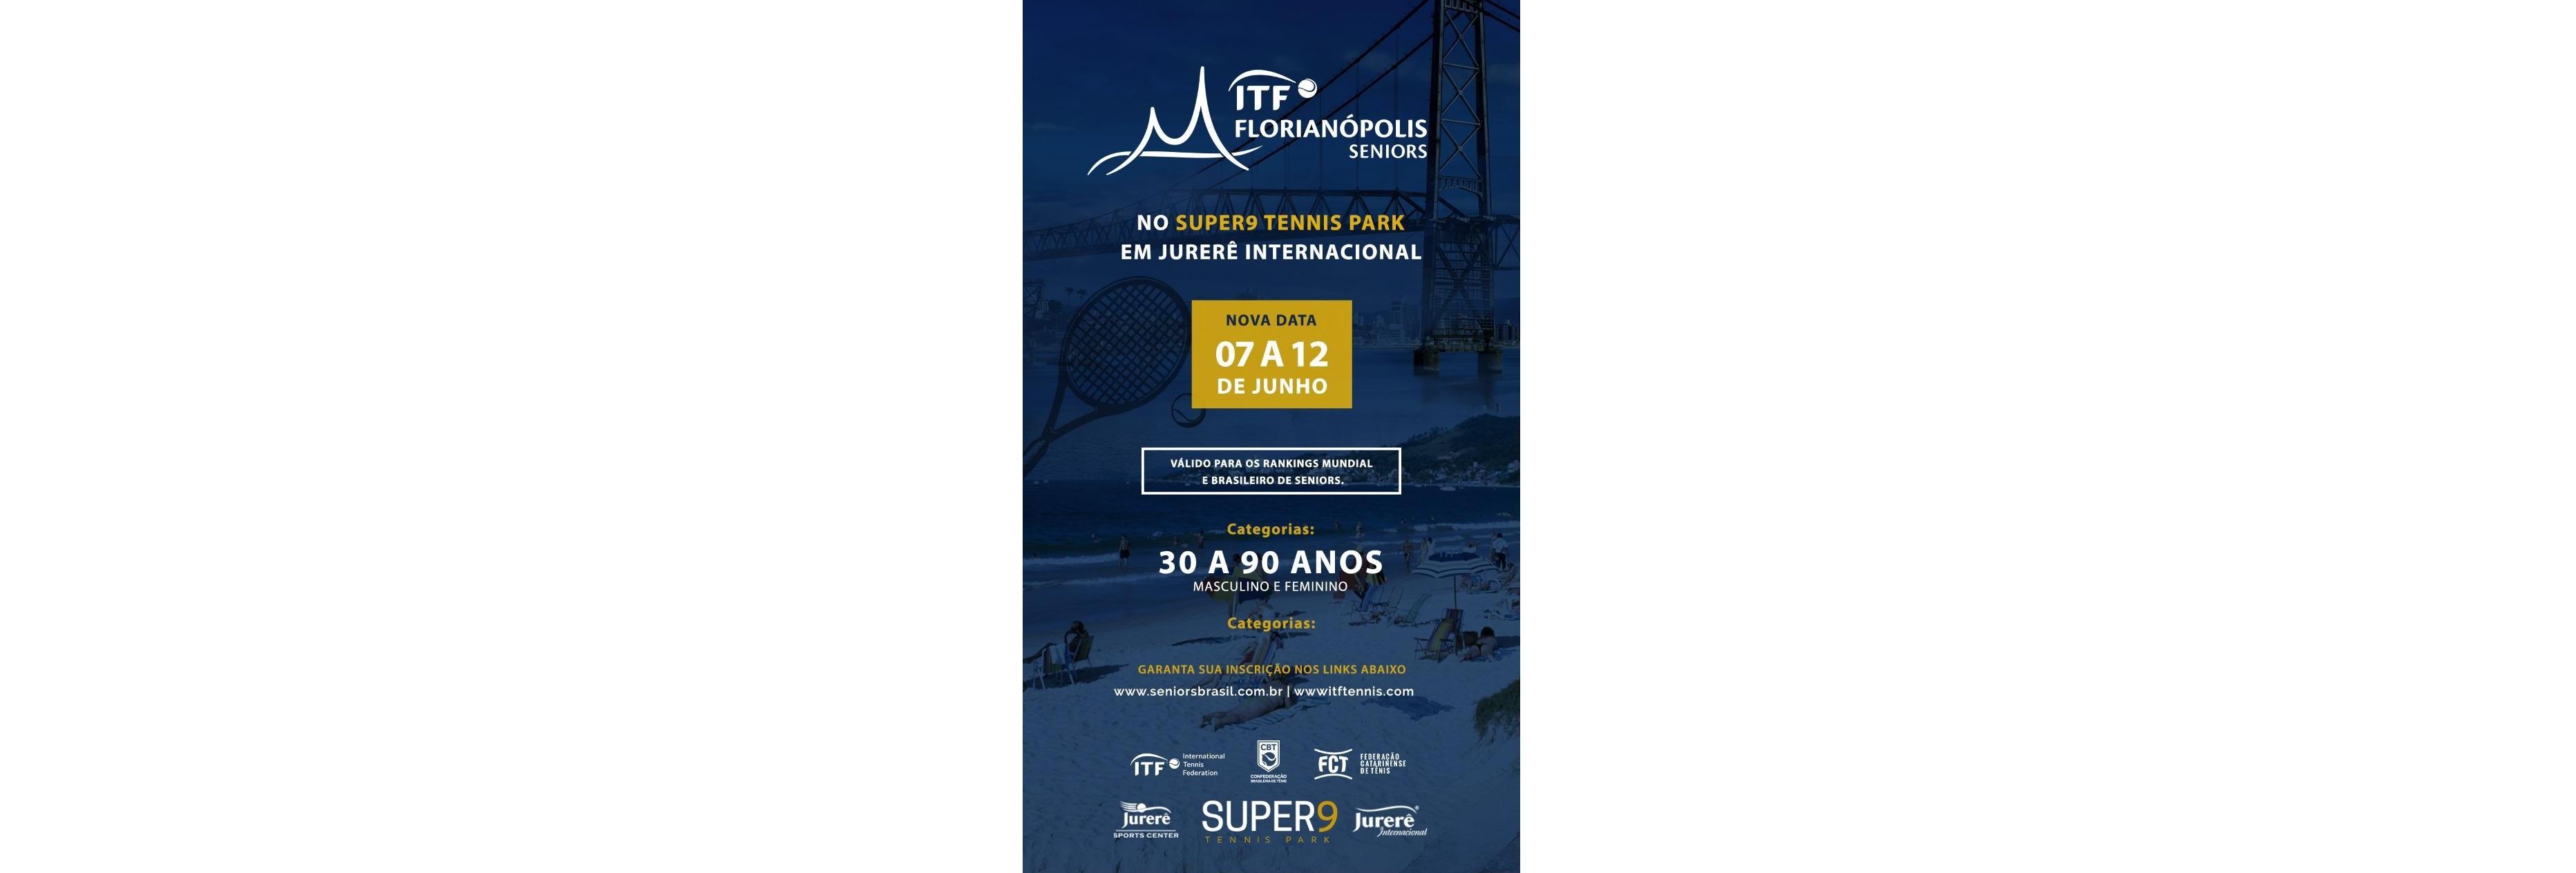 ITF Florianópolis Seniors